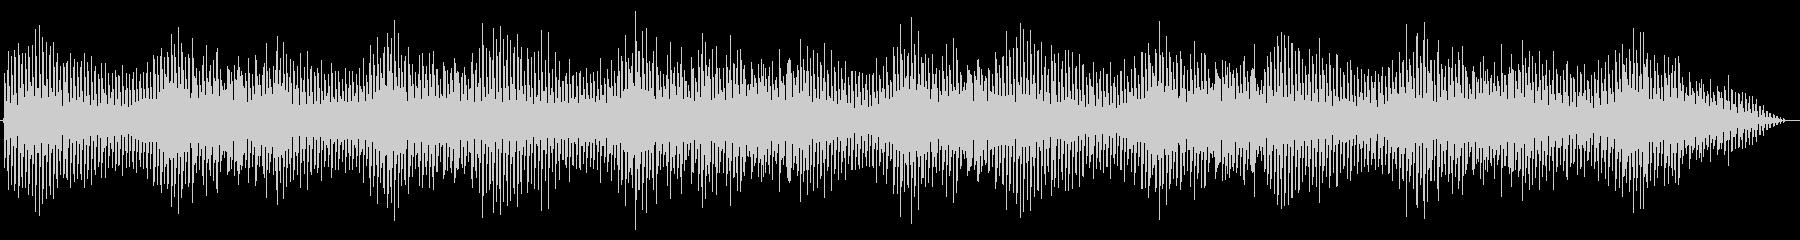 211_クリスマス ベル 鈴の音1の未再生の波形